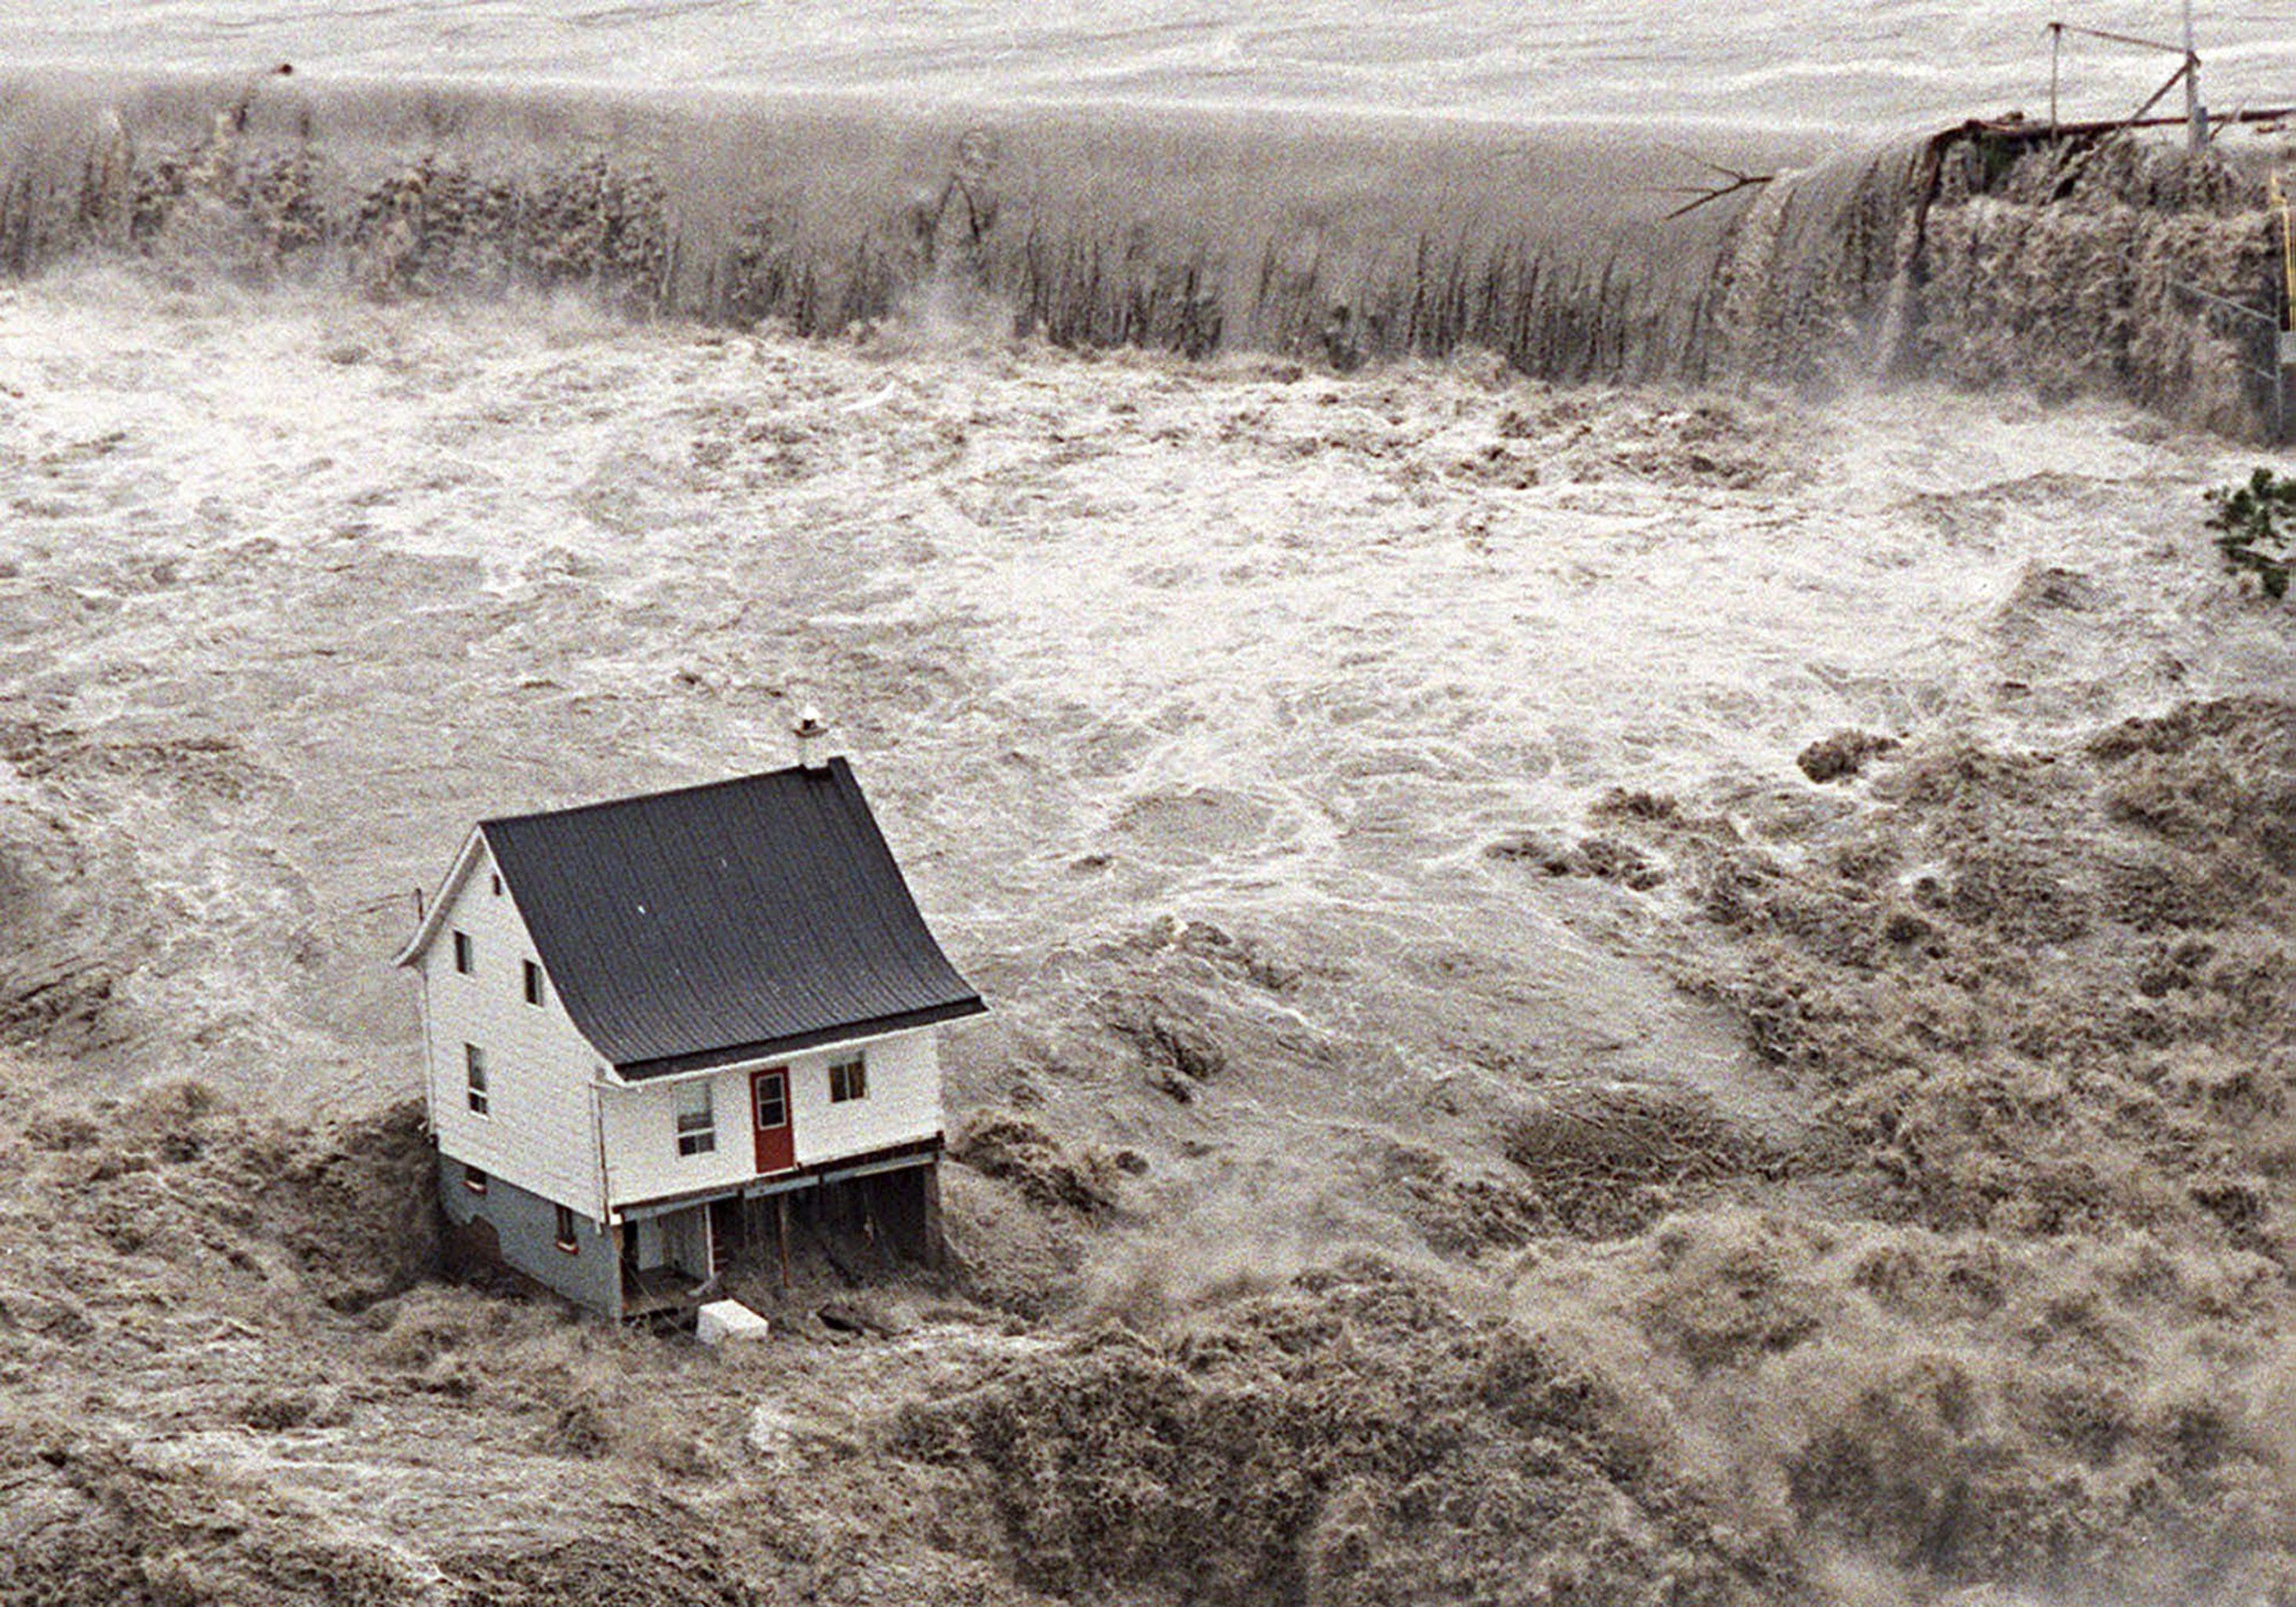 Inondation de la rivière Chicoutimi, 21 juillet 1996